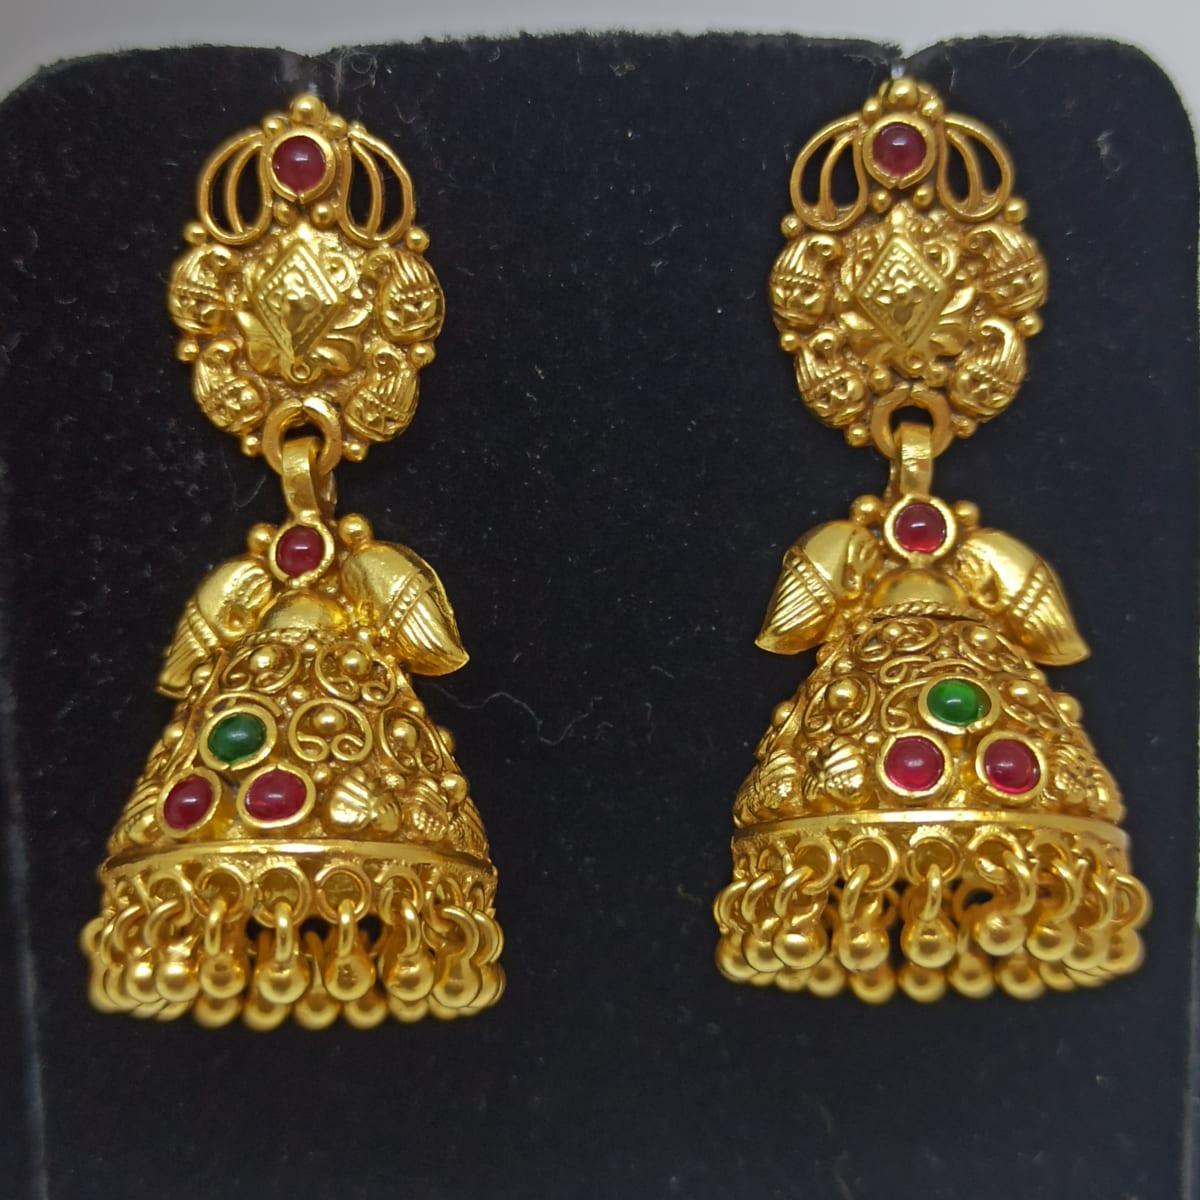 Heena Antique Jhumka